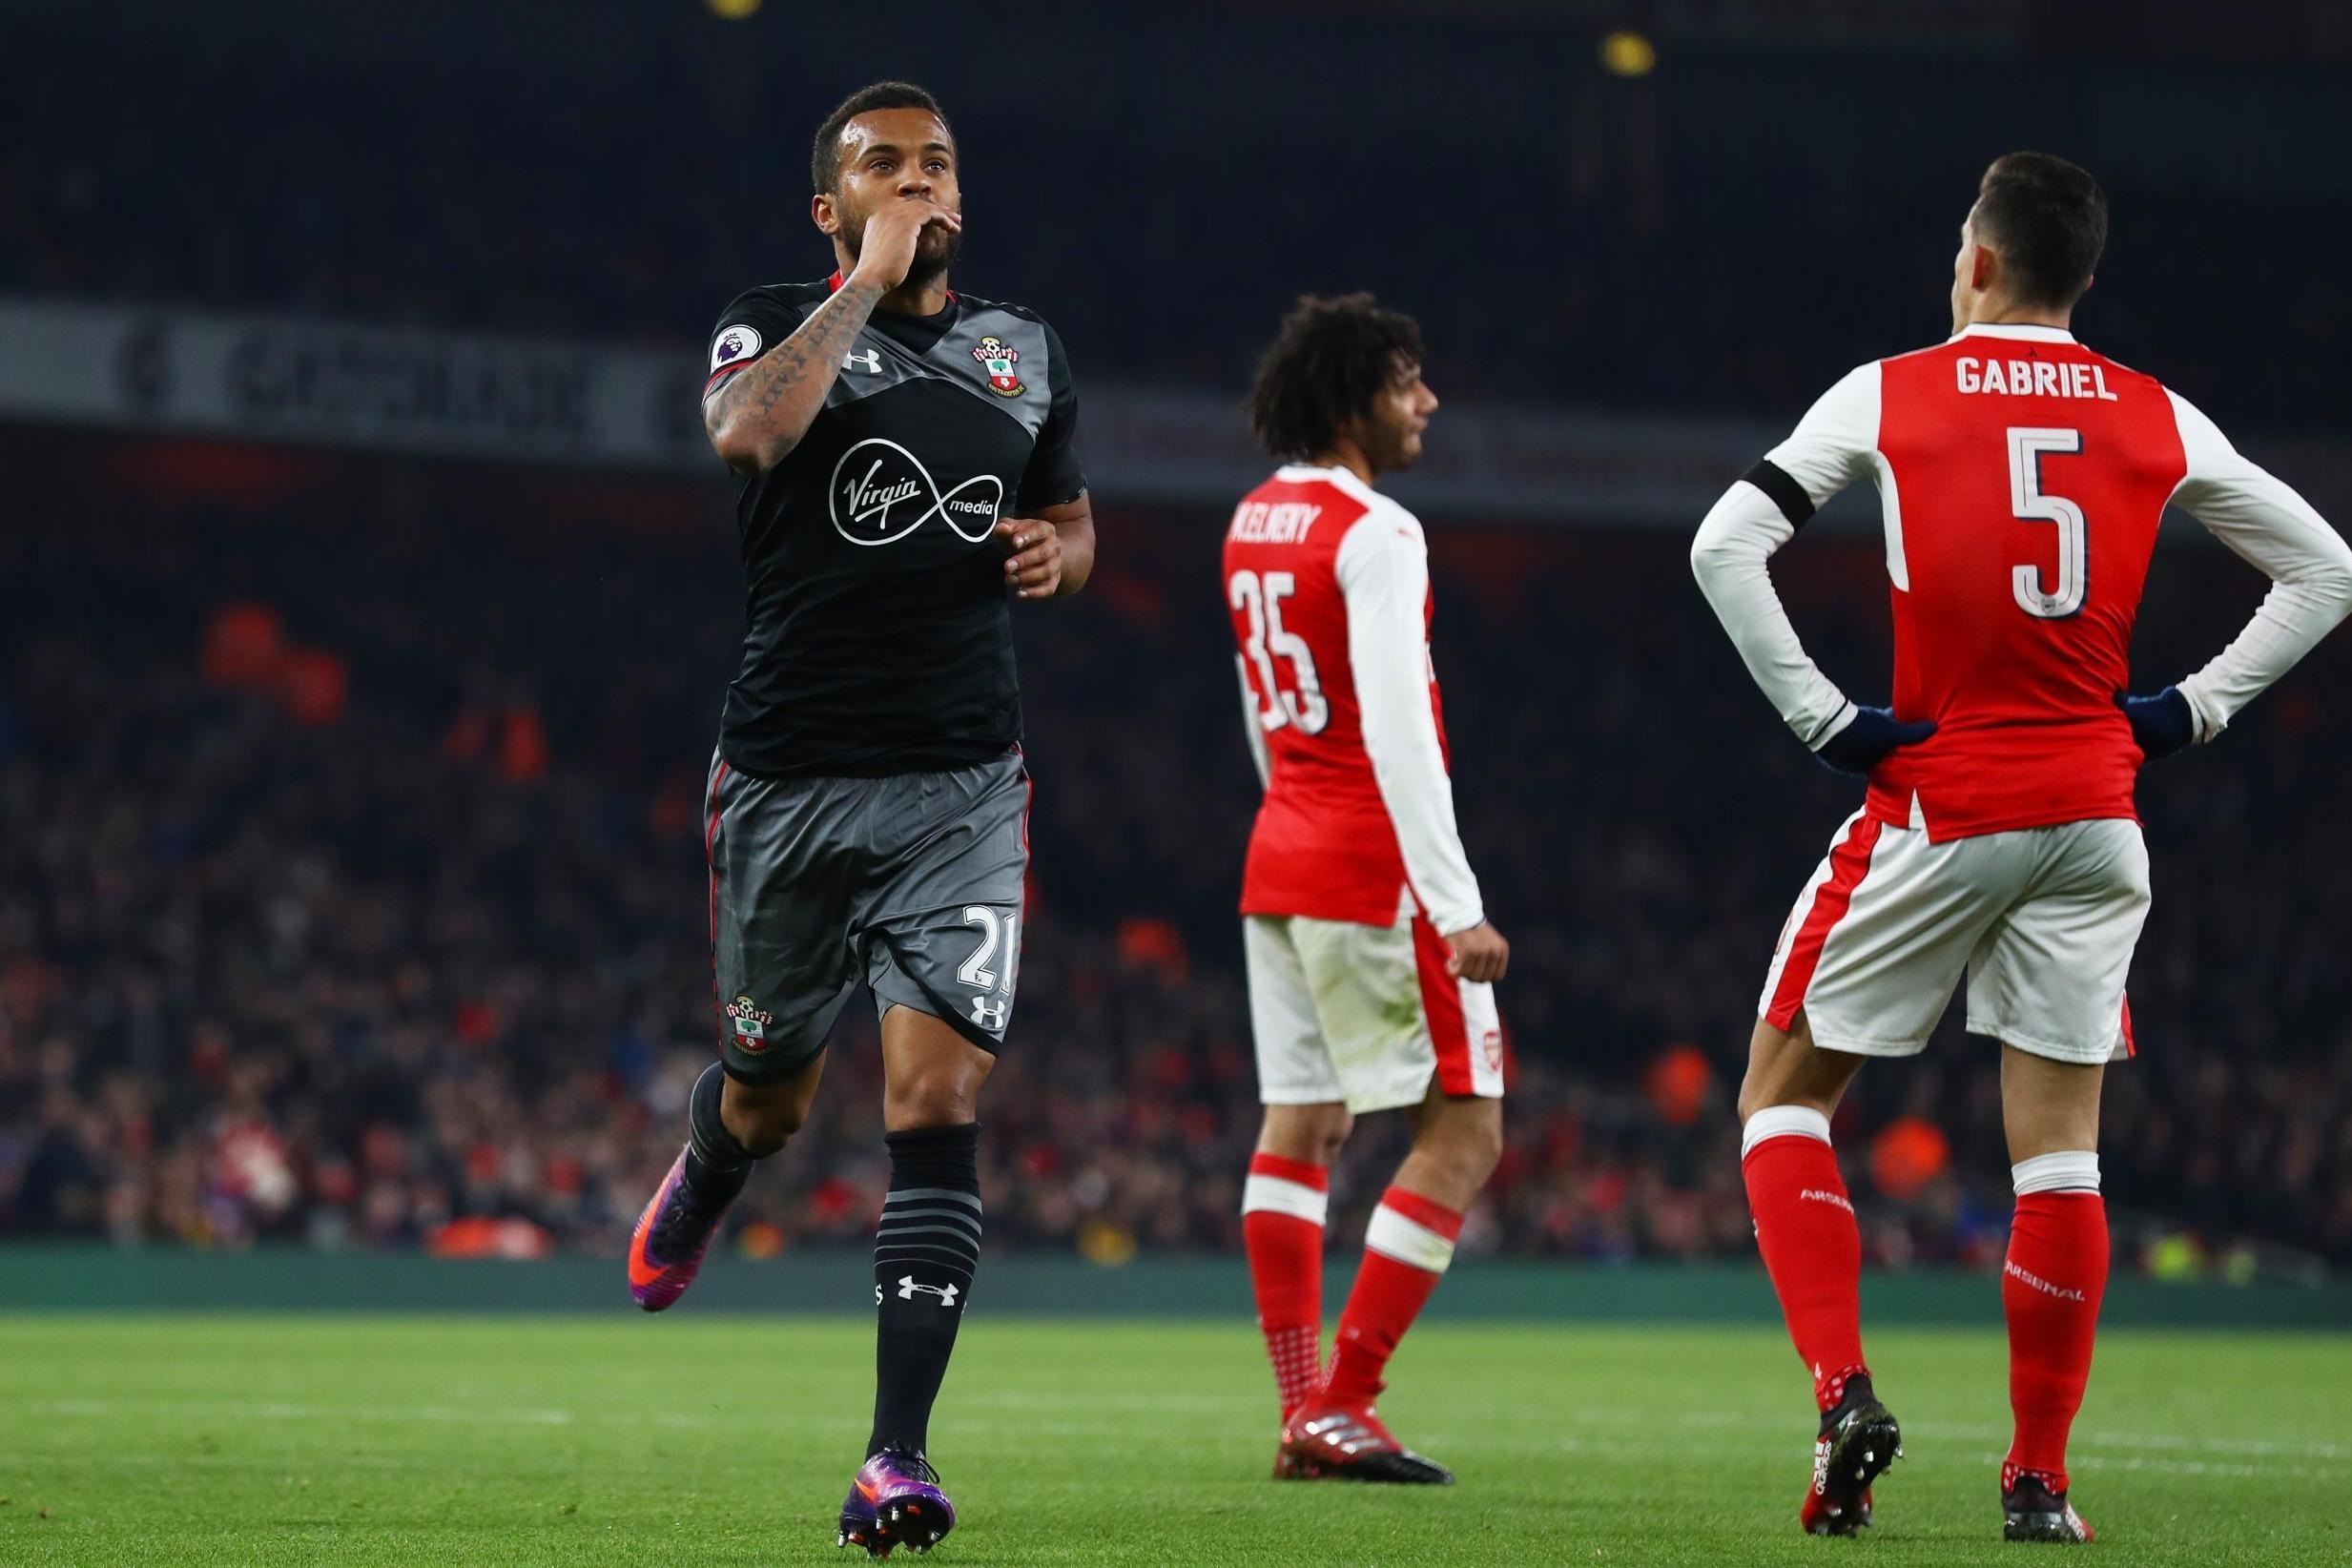 ناکامی آرسنال در رسیدن به نیمه نهایی جام اتحادیه